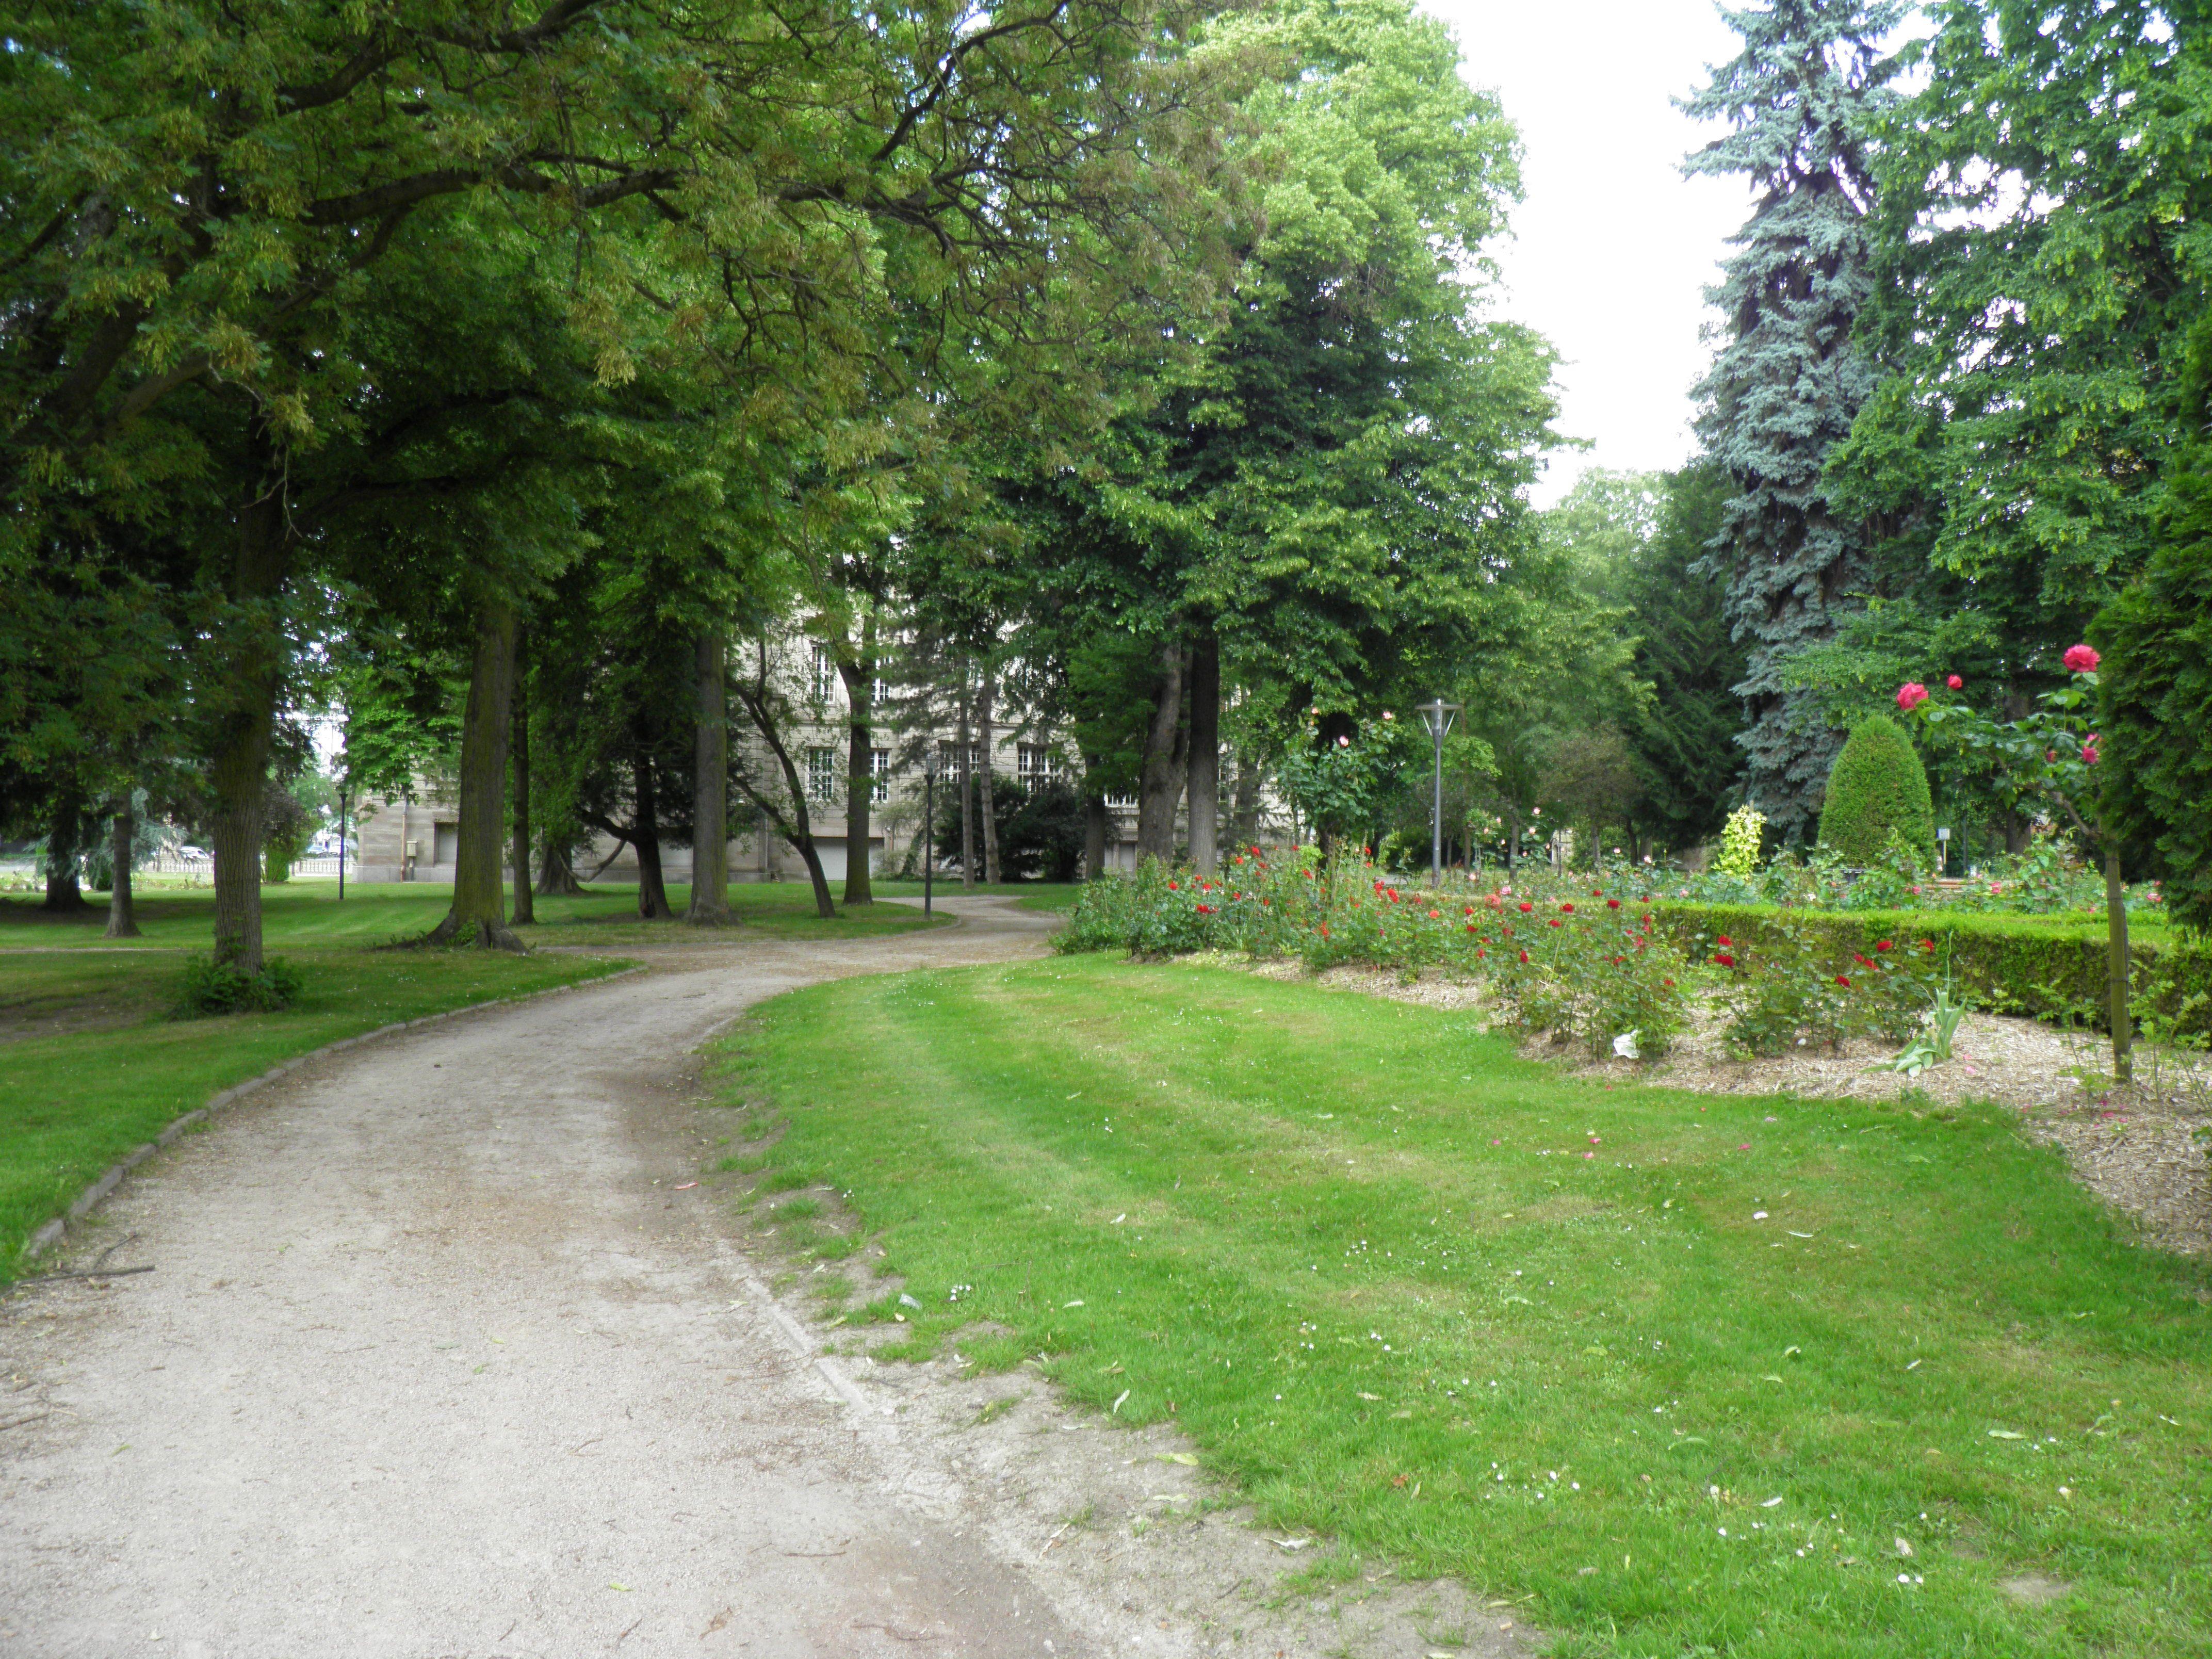 File:Parc du château d\'eau (Colmar) (5).JPG - Wikimedia Commons